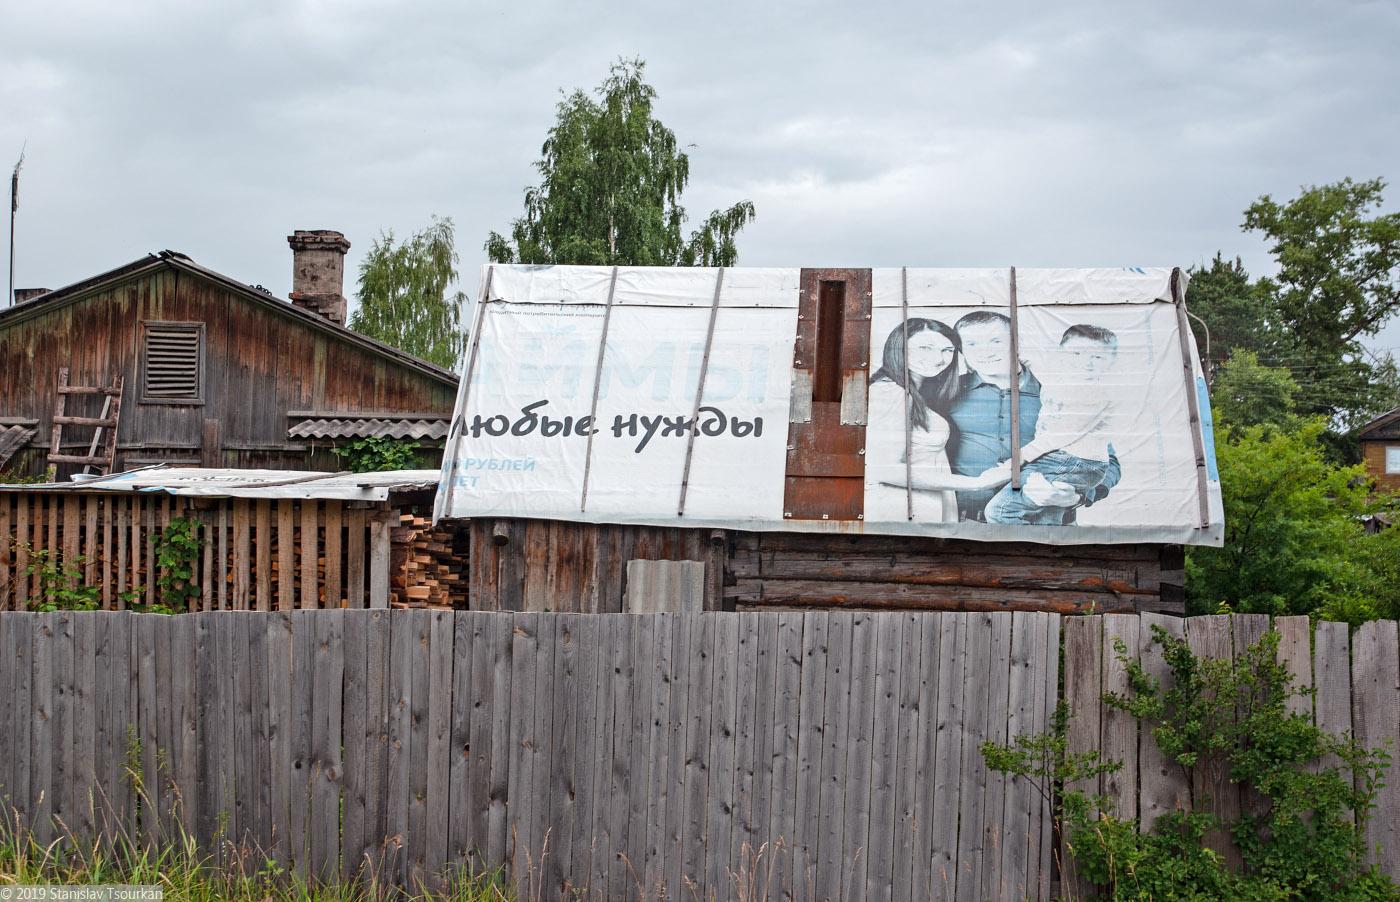 Вологодская область, Вологодчина, Великий устюг, Русский север, любые нужды